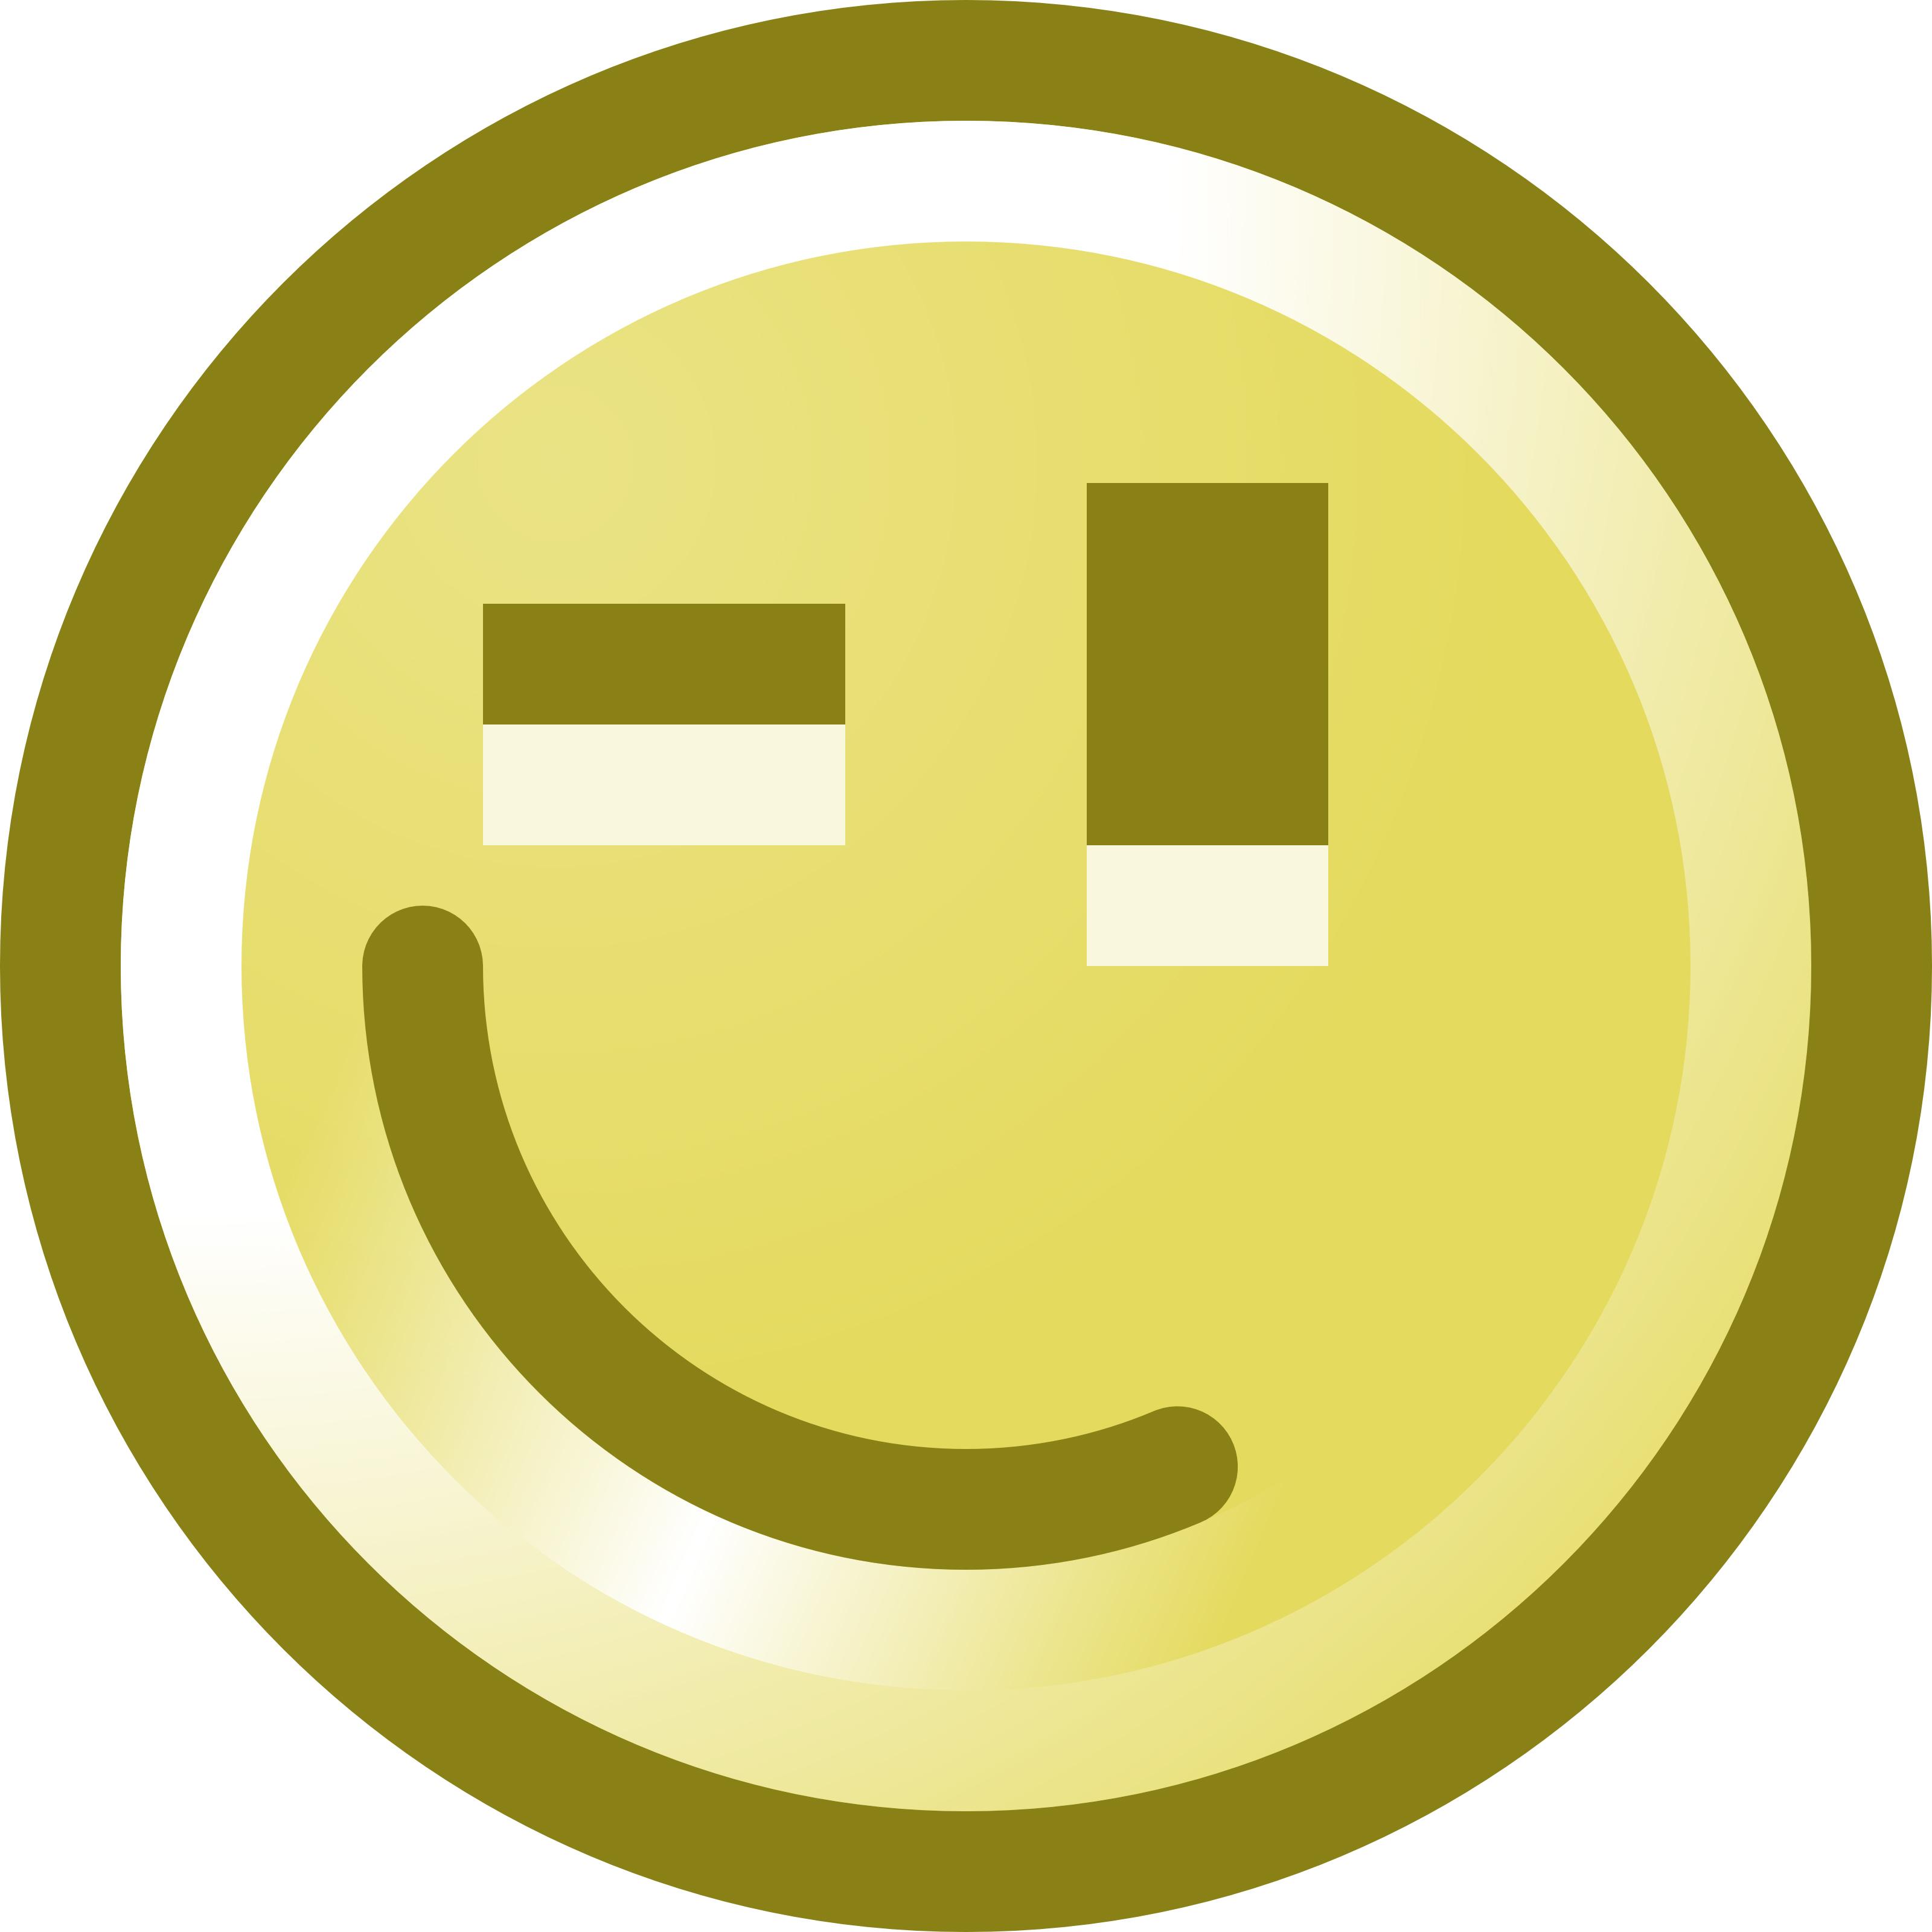 3200x3200 Winking Smiley Face Clip Art Illustration